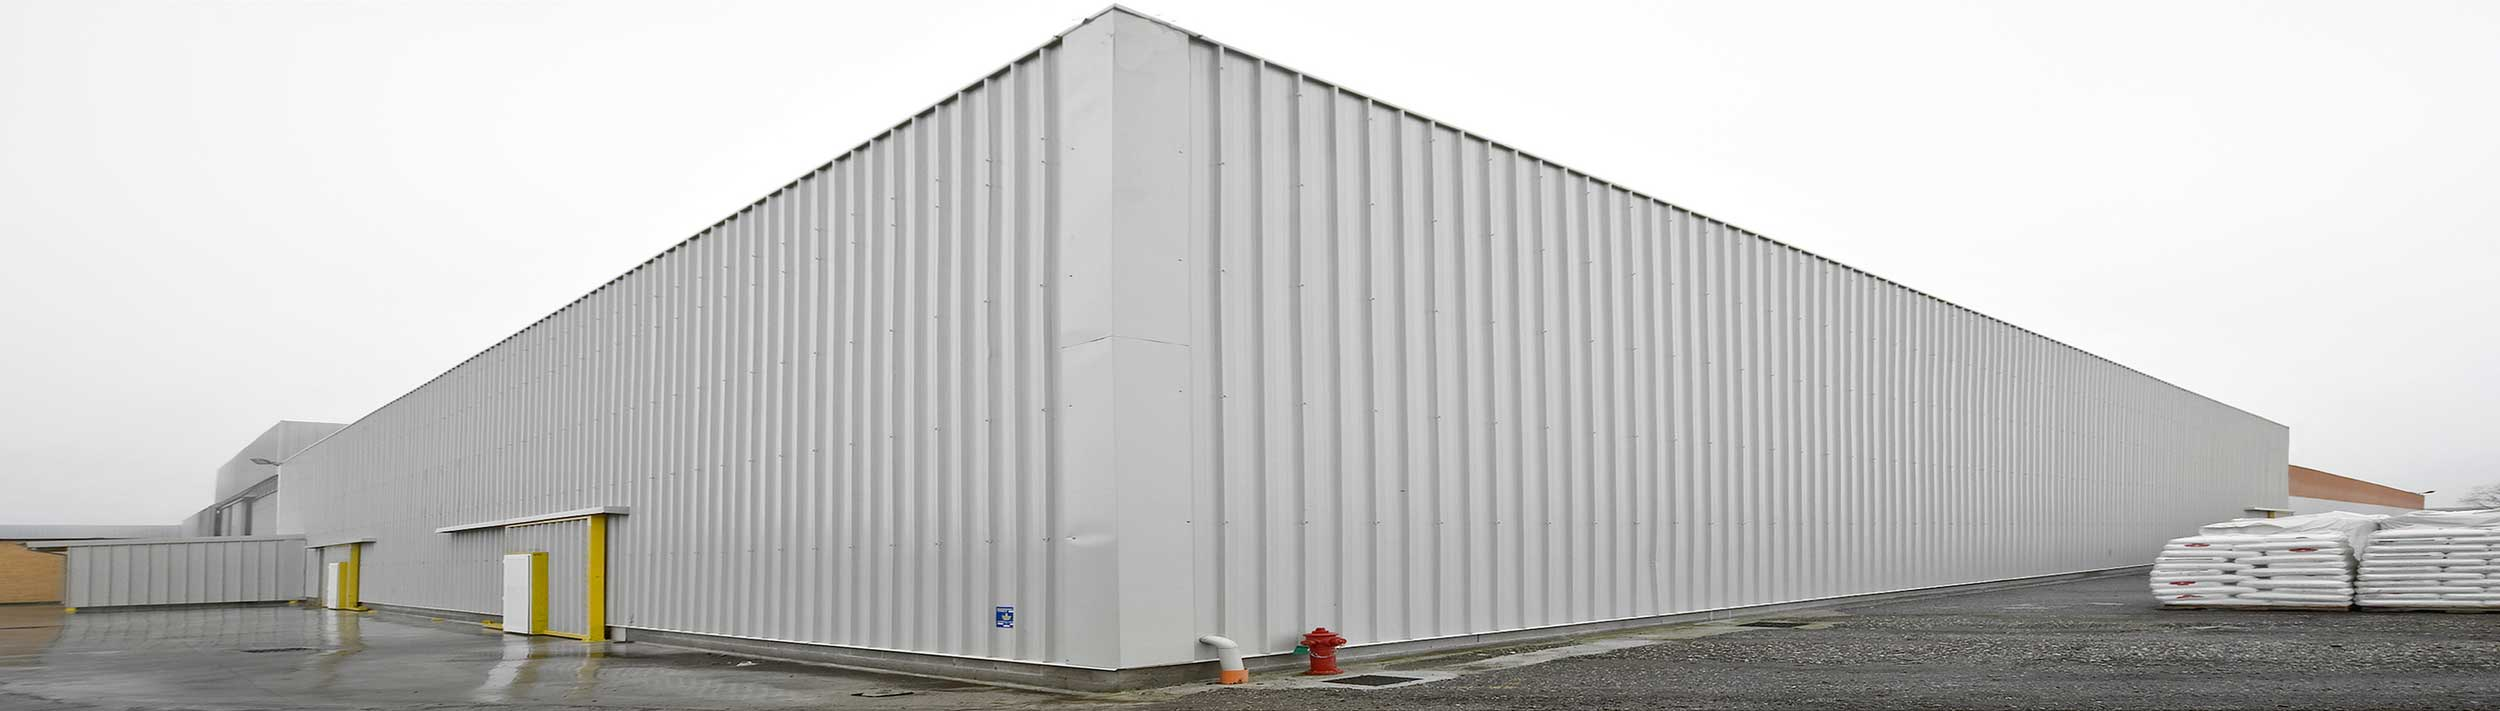 Gli impianti speciali autoportanti di SAMIT sono dei veri e propri capannoni adibiti ad uso magazzino, nei quali le scaffalature, oltre a sostenere i carichi dei materiali stoccati, svolgono la funzione di sostegno del tetto e delle pareti.